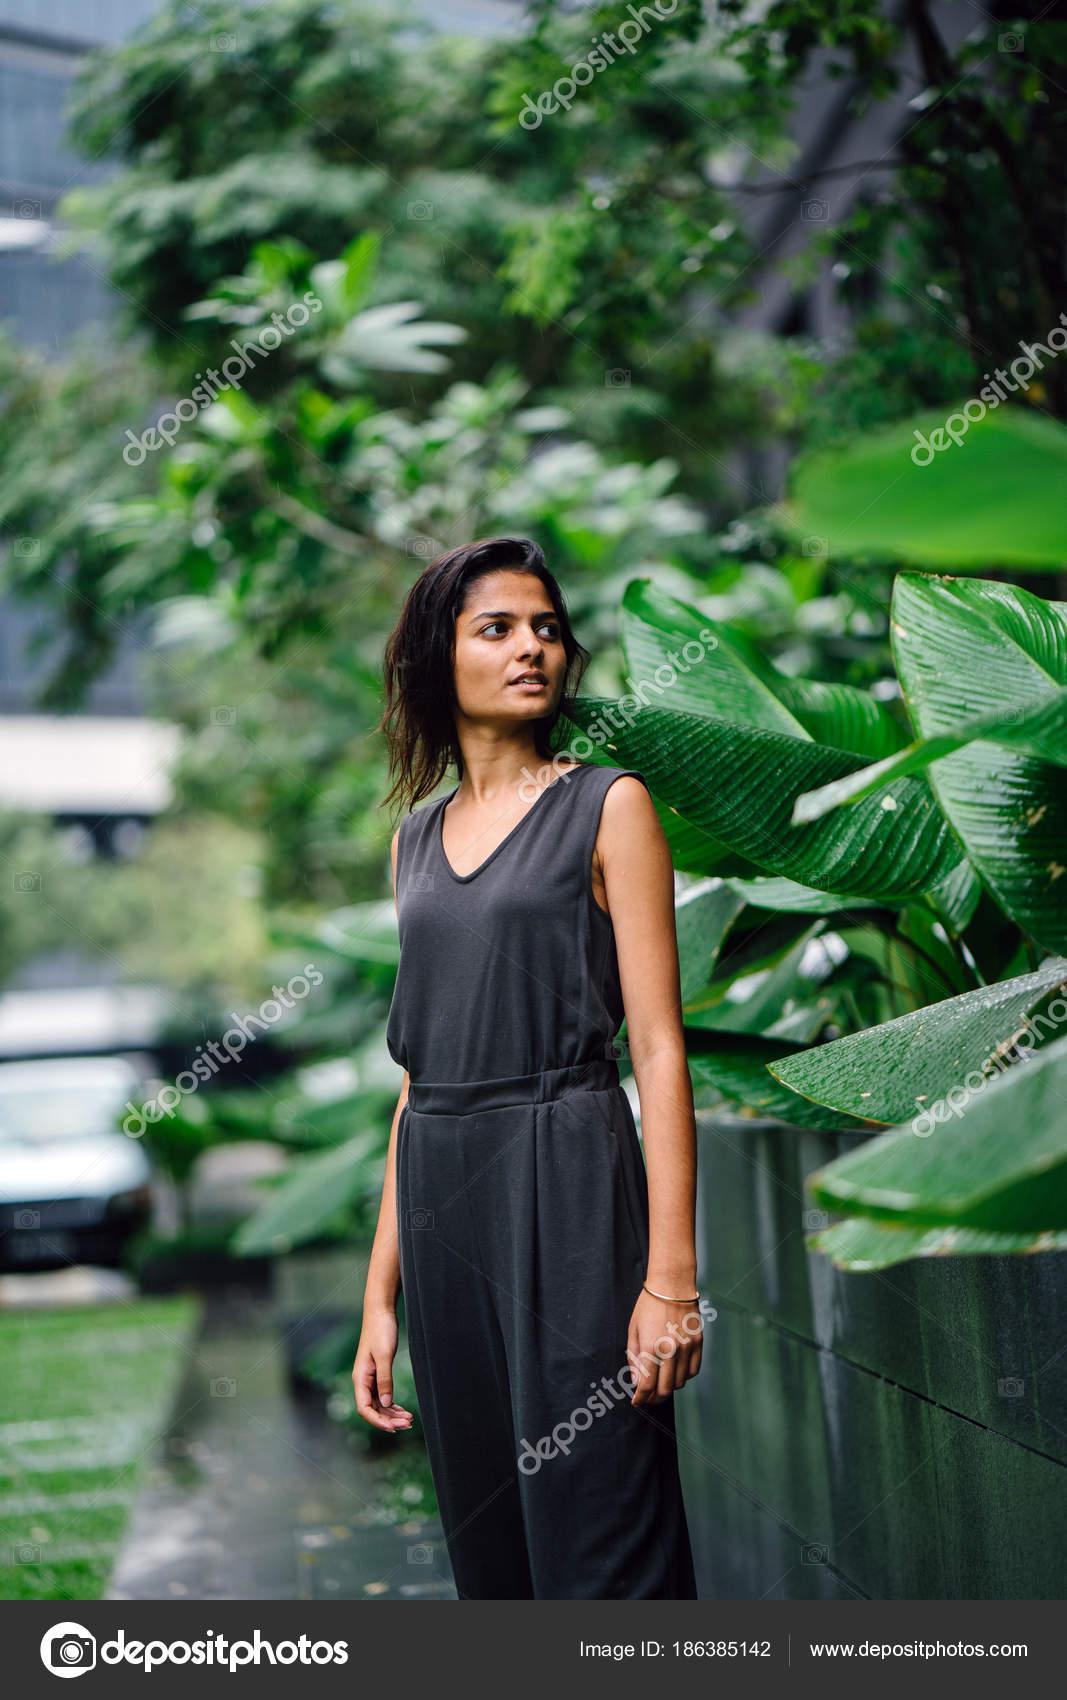 otkrovennoe-foto-indiyskih-zhenshin